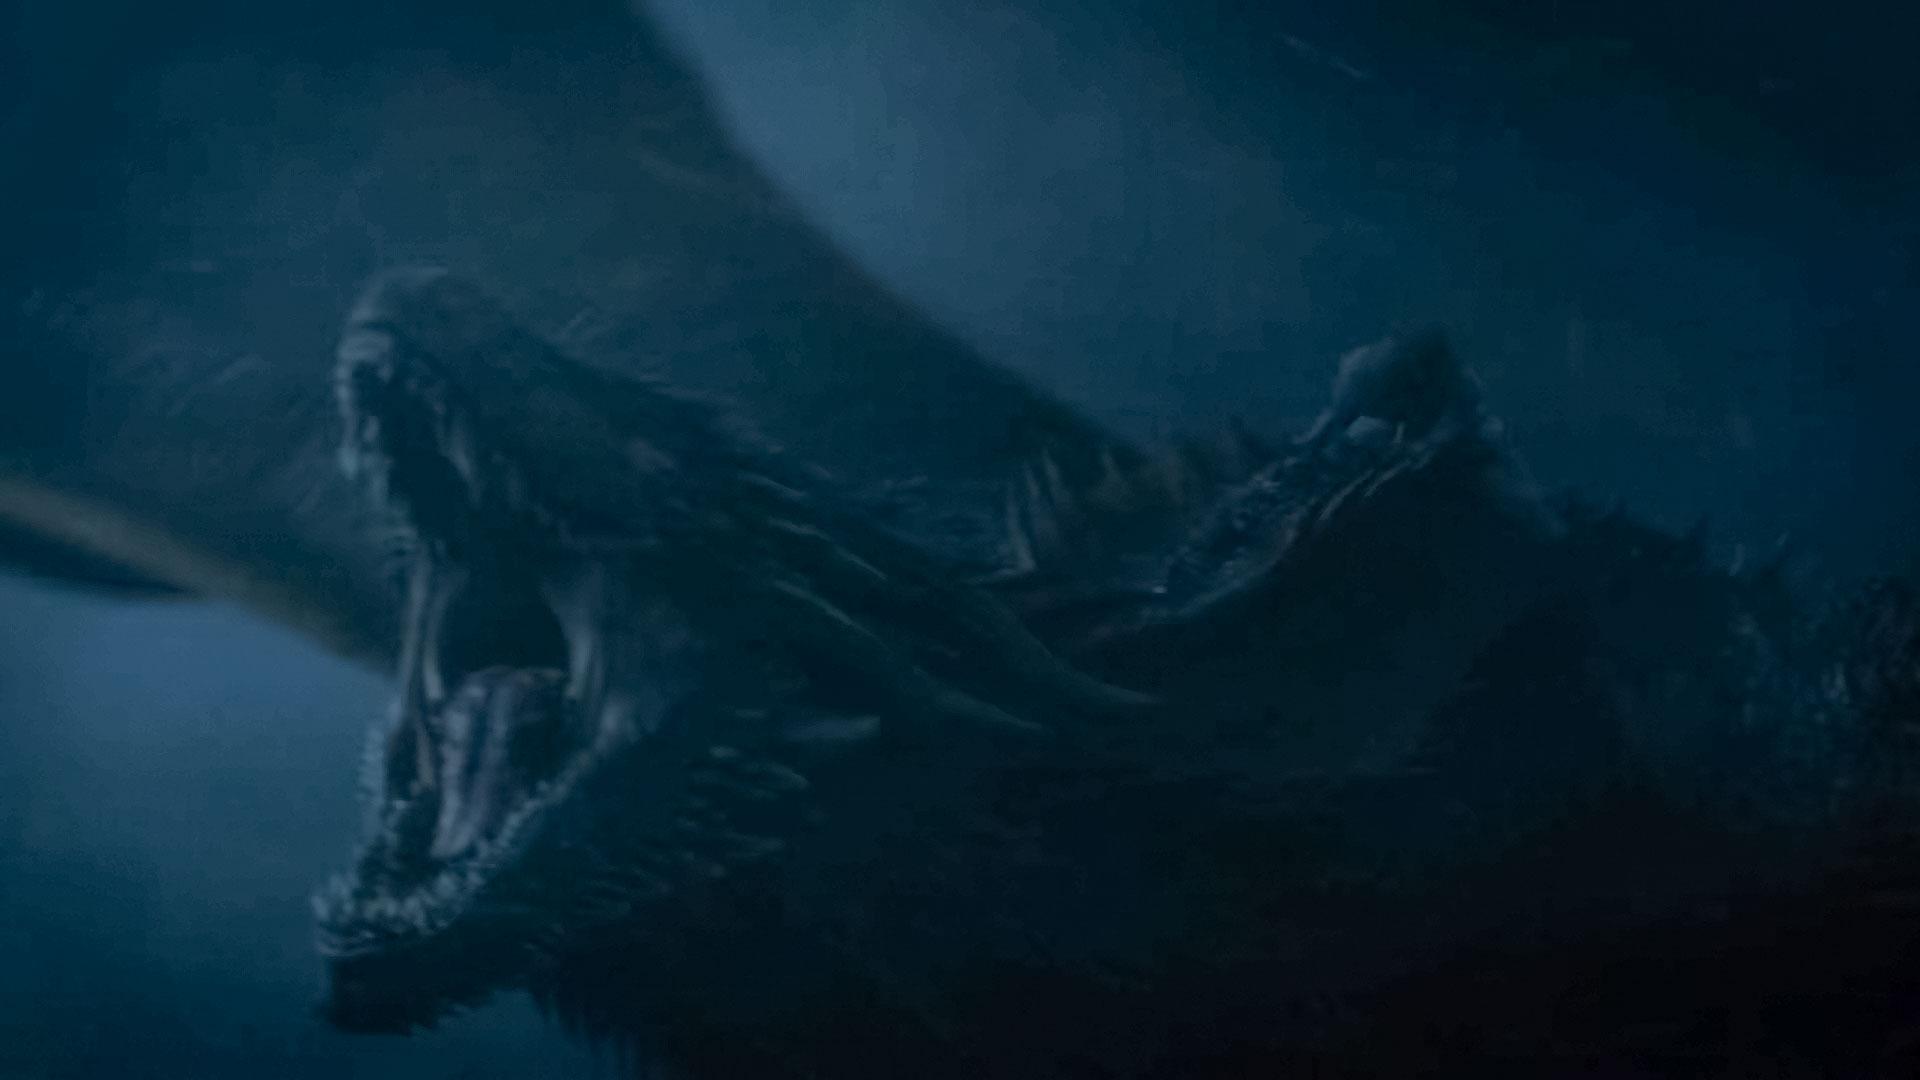 تصاویر قسمت ۳ فصل ۸ گیم آف ترونز (Game Of Thrones) را ببینید